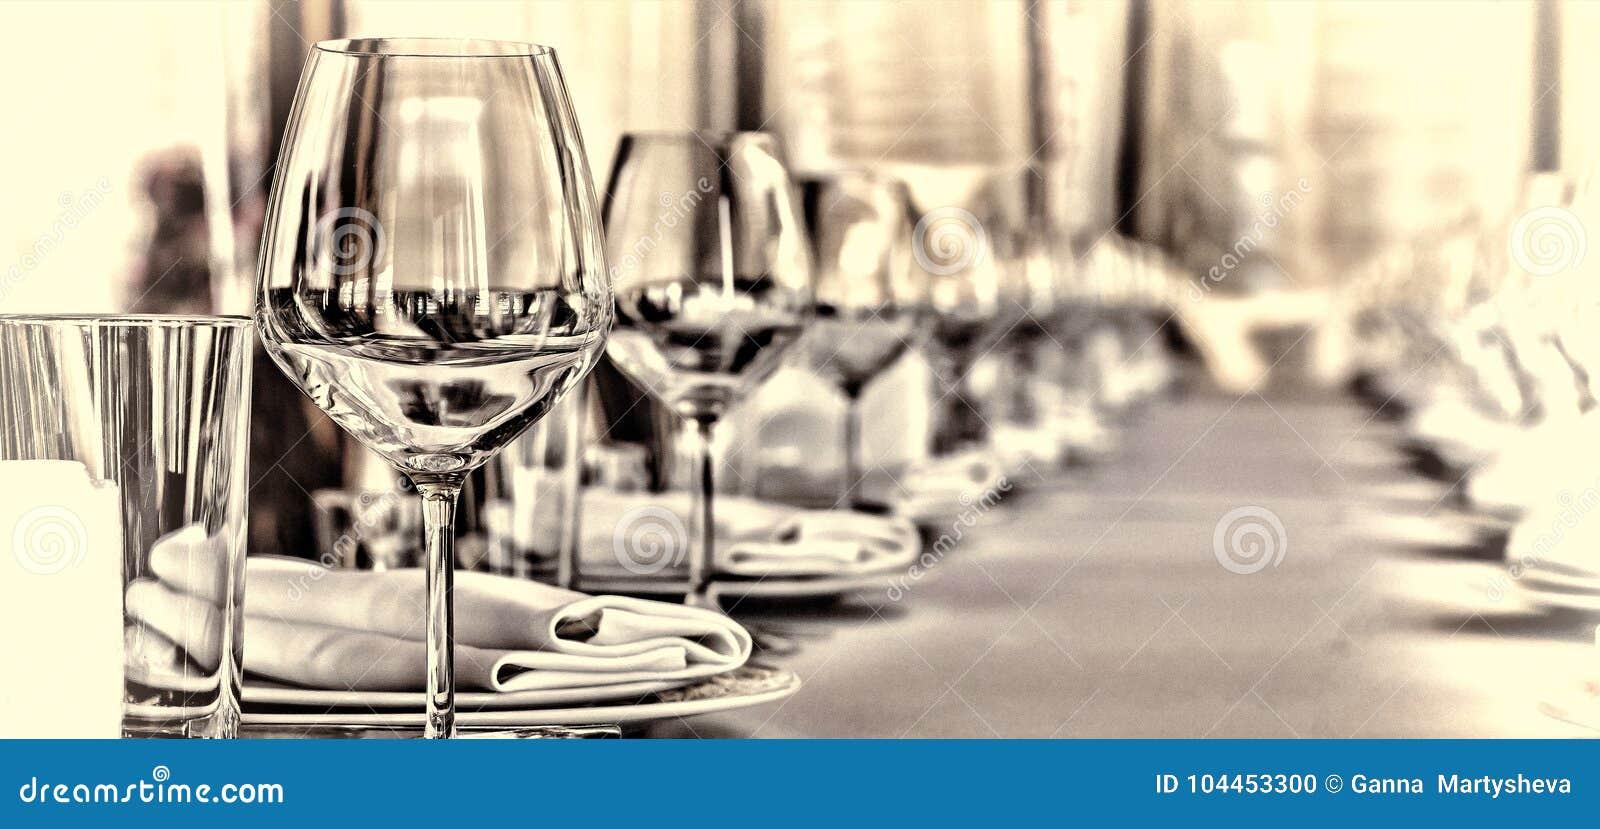 Banketthalle im Restaurant Konzept: Dienen Feier-Jahrestags-Hochzeit